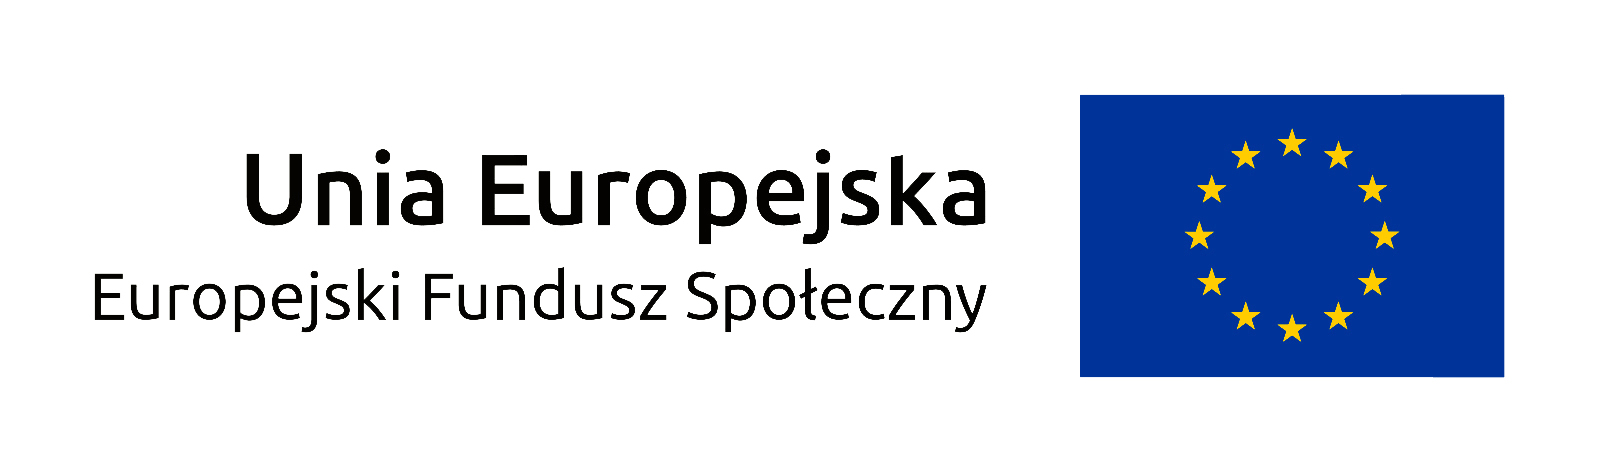 LOGO EU_EFS